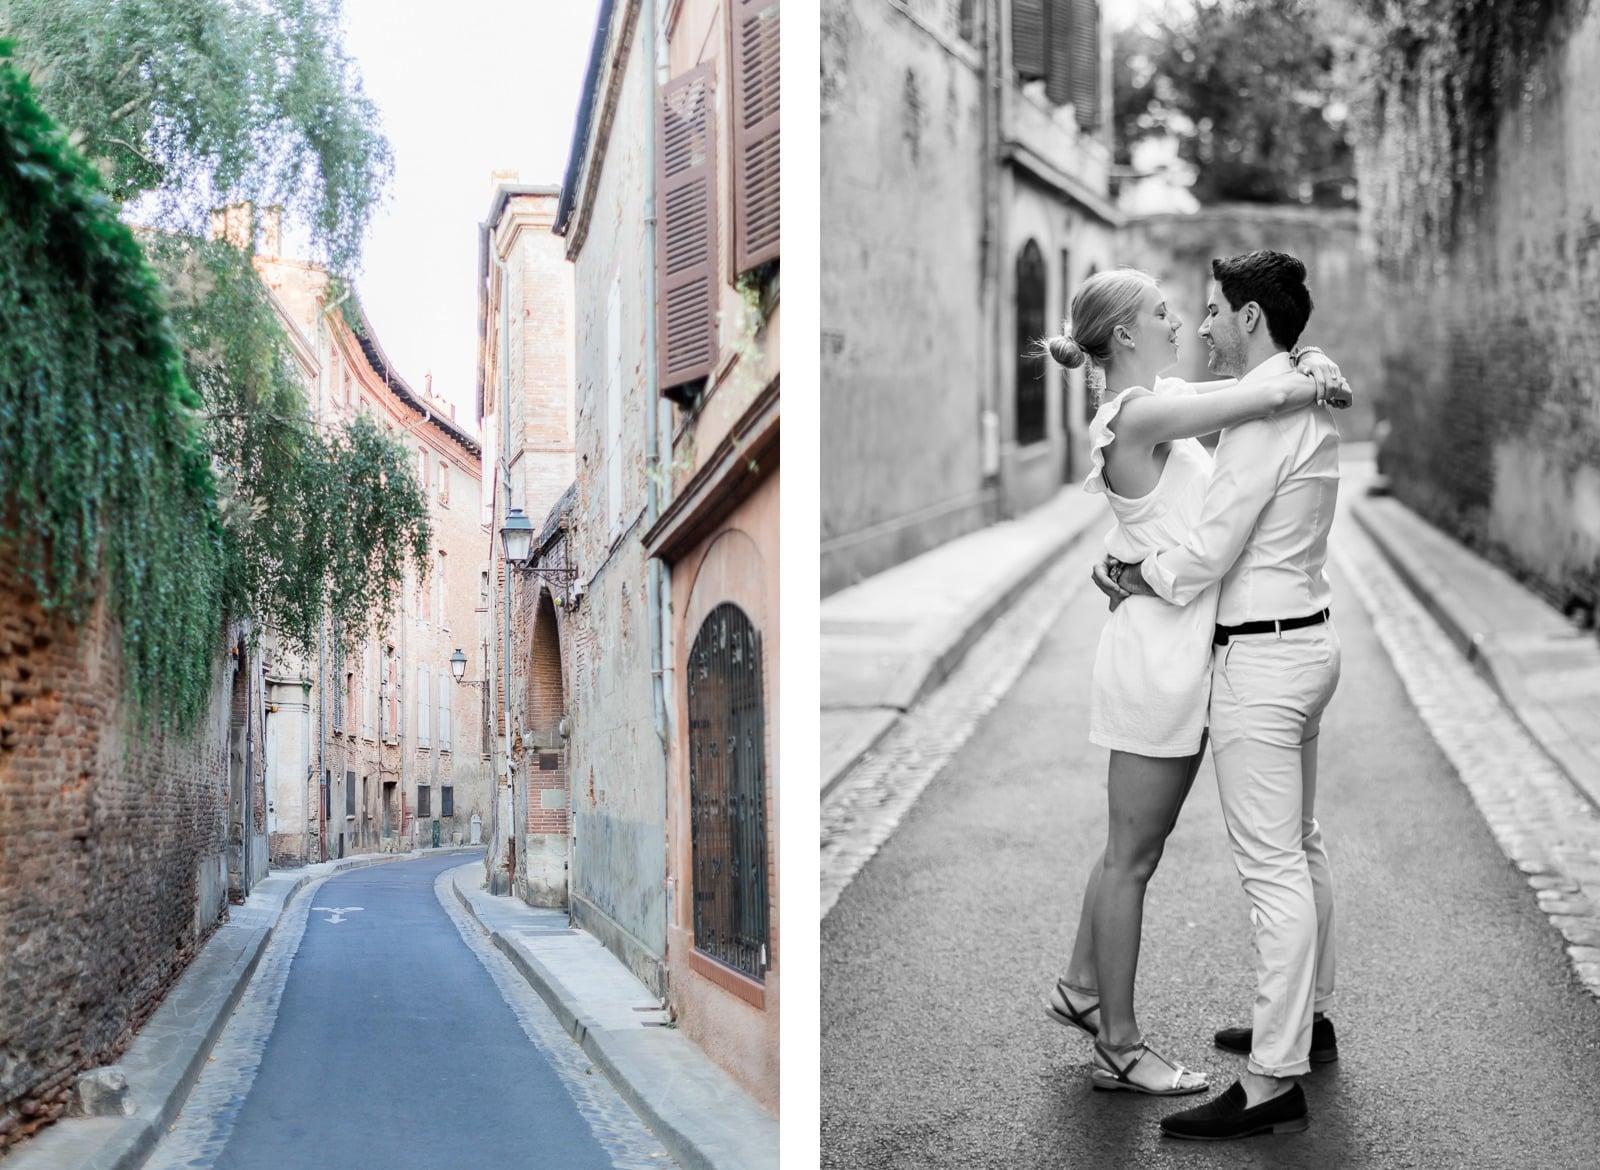 Photographie de Mathieu Dété, photographe de couple et famille à Saint-Pierre de la Réunion (974), présentant un couple au milieu d'une ruelle de Toulouse